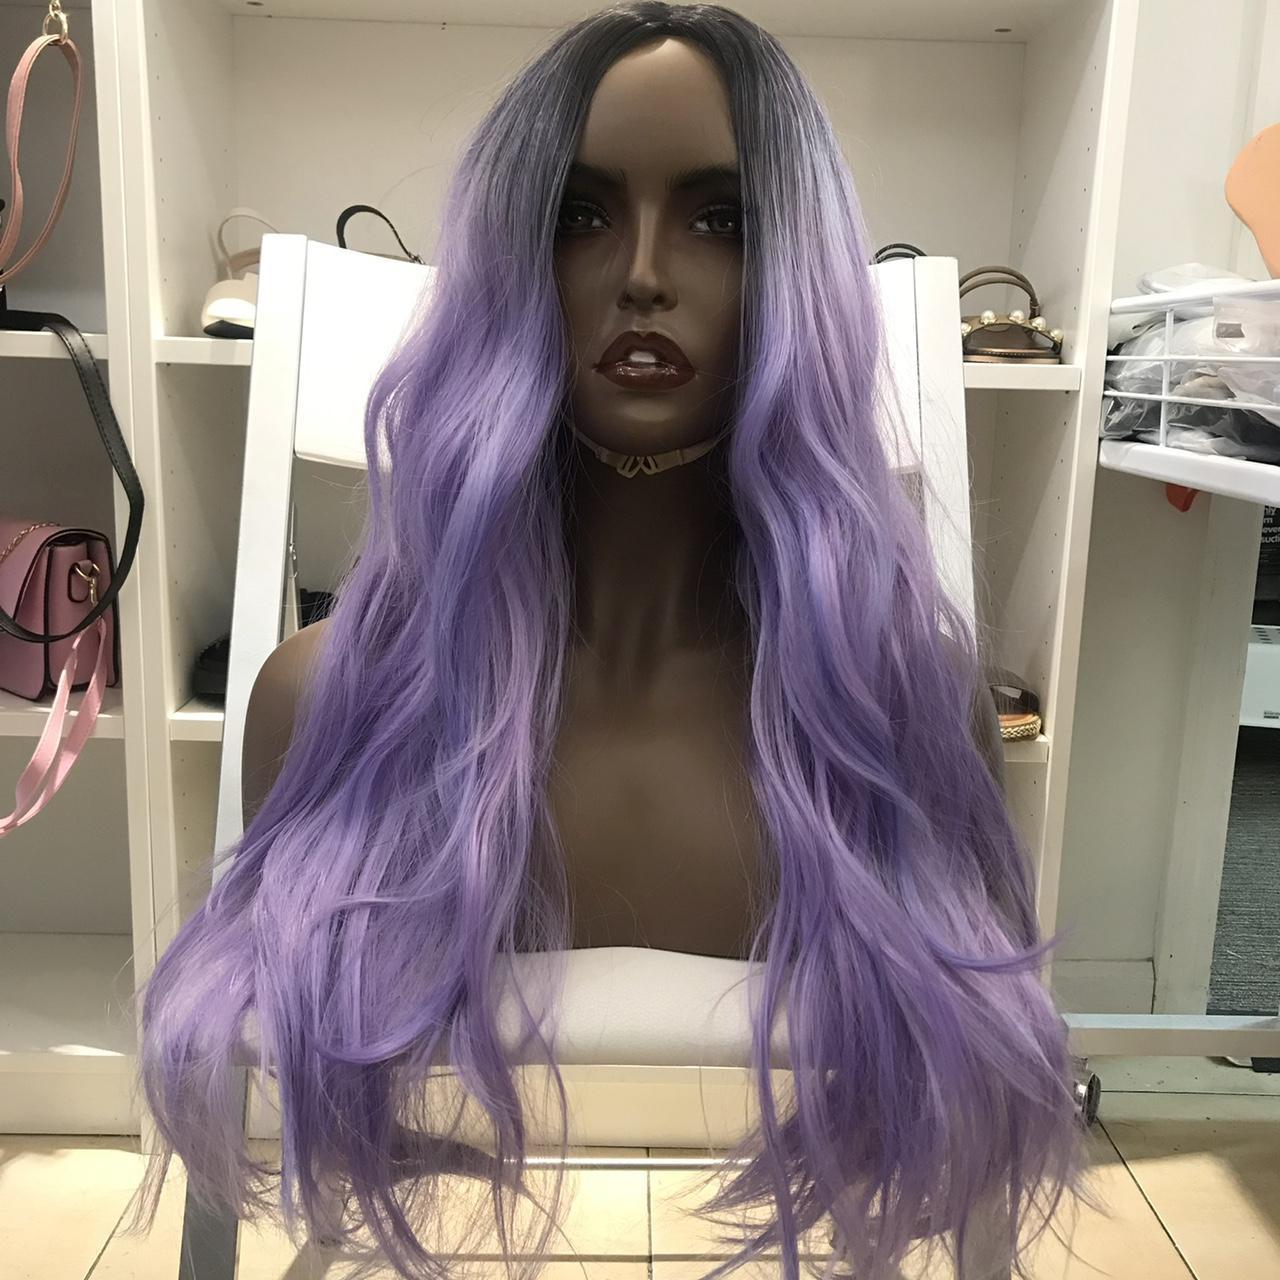 Product Image 1 - Human hair blend purple ombré